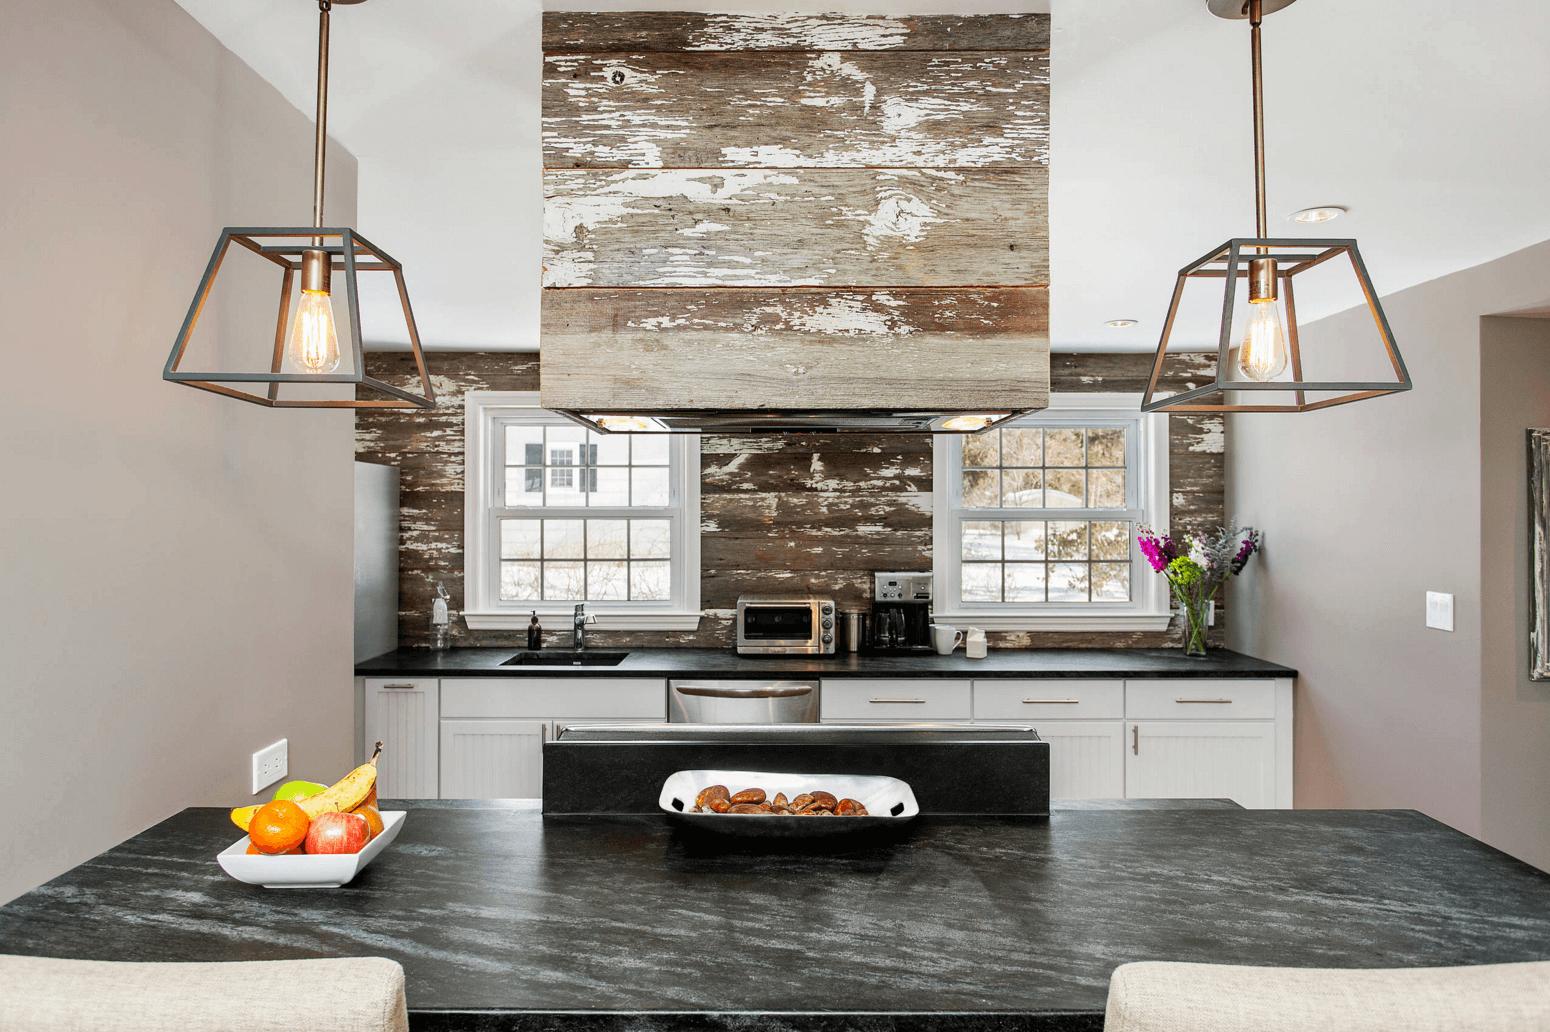 Идея дизайна фартука на кухню в деревенском стиле - фото 1